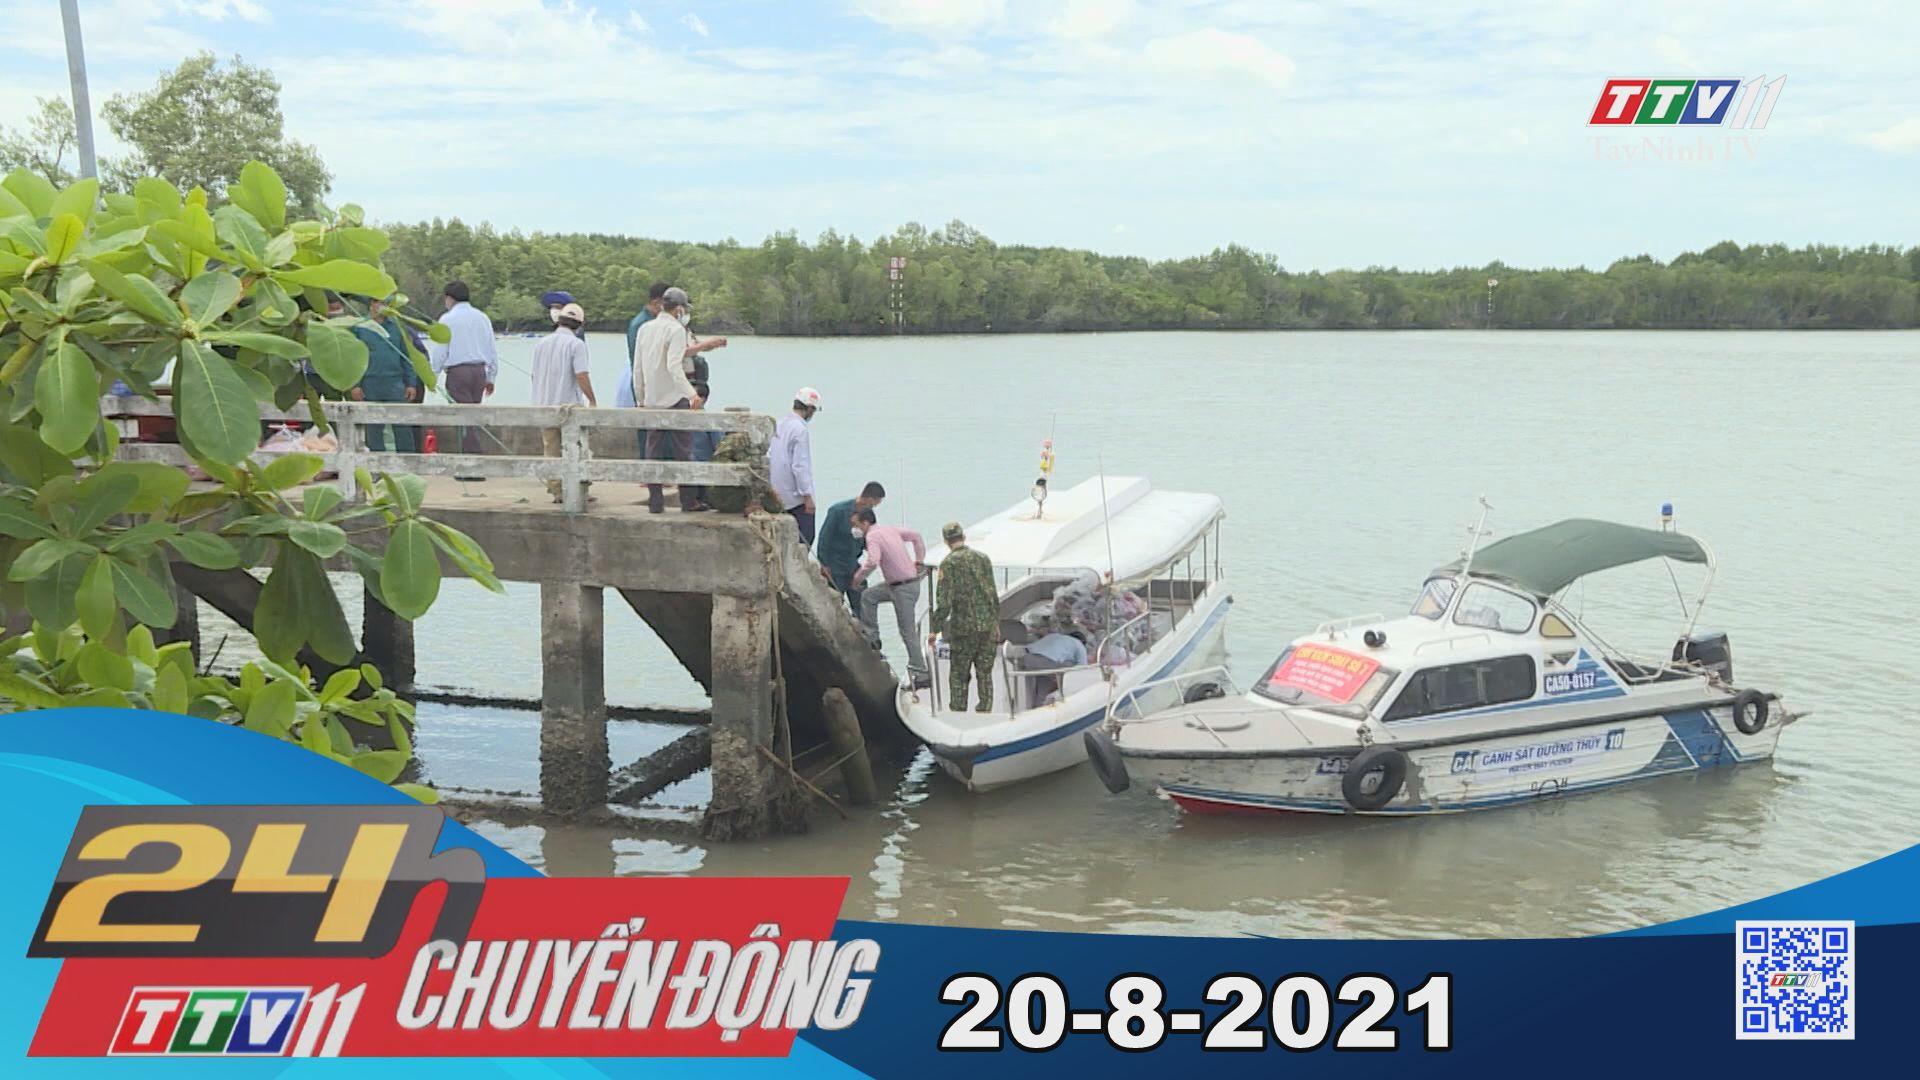 24h Chuyển động 20-8-2021   Tin tức hôm nay   TayNinhTV